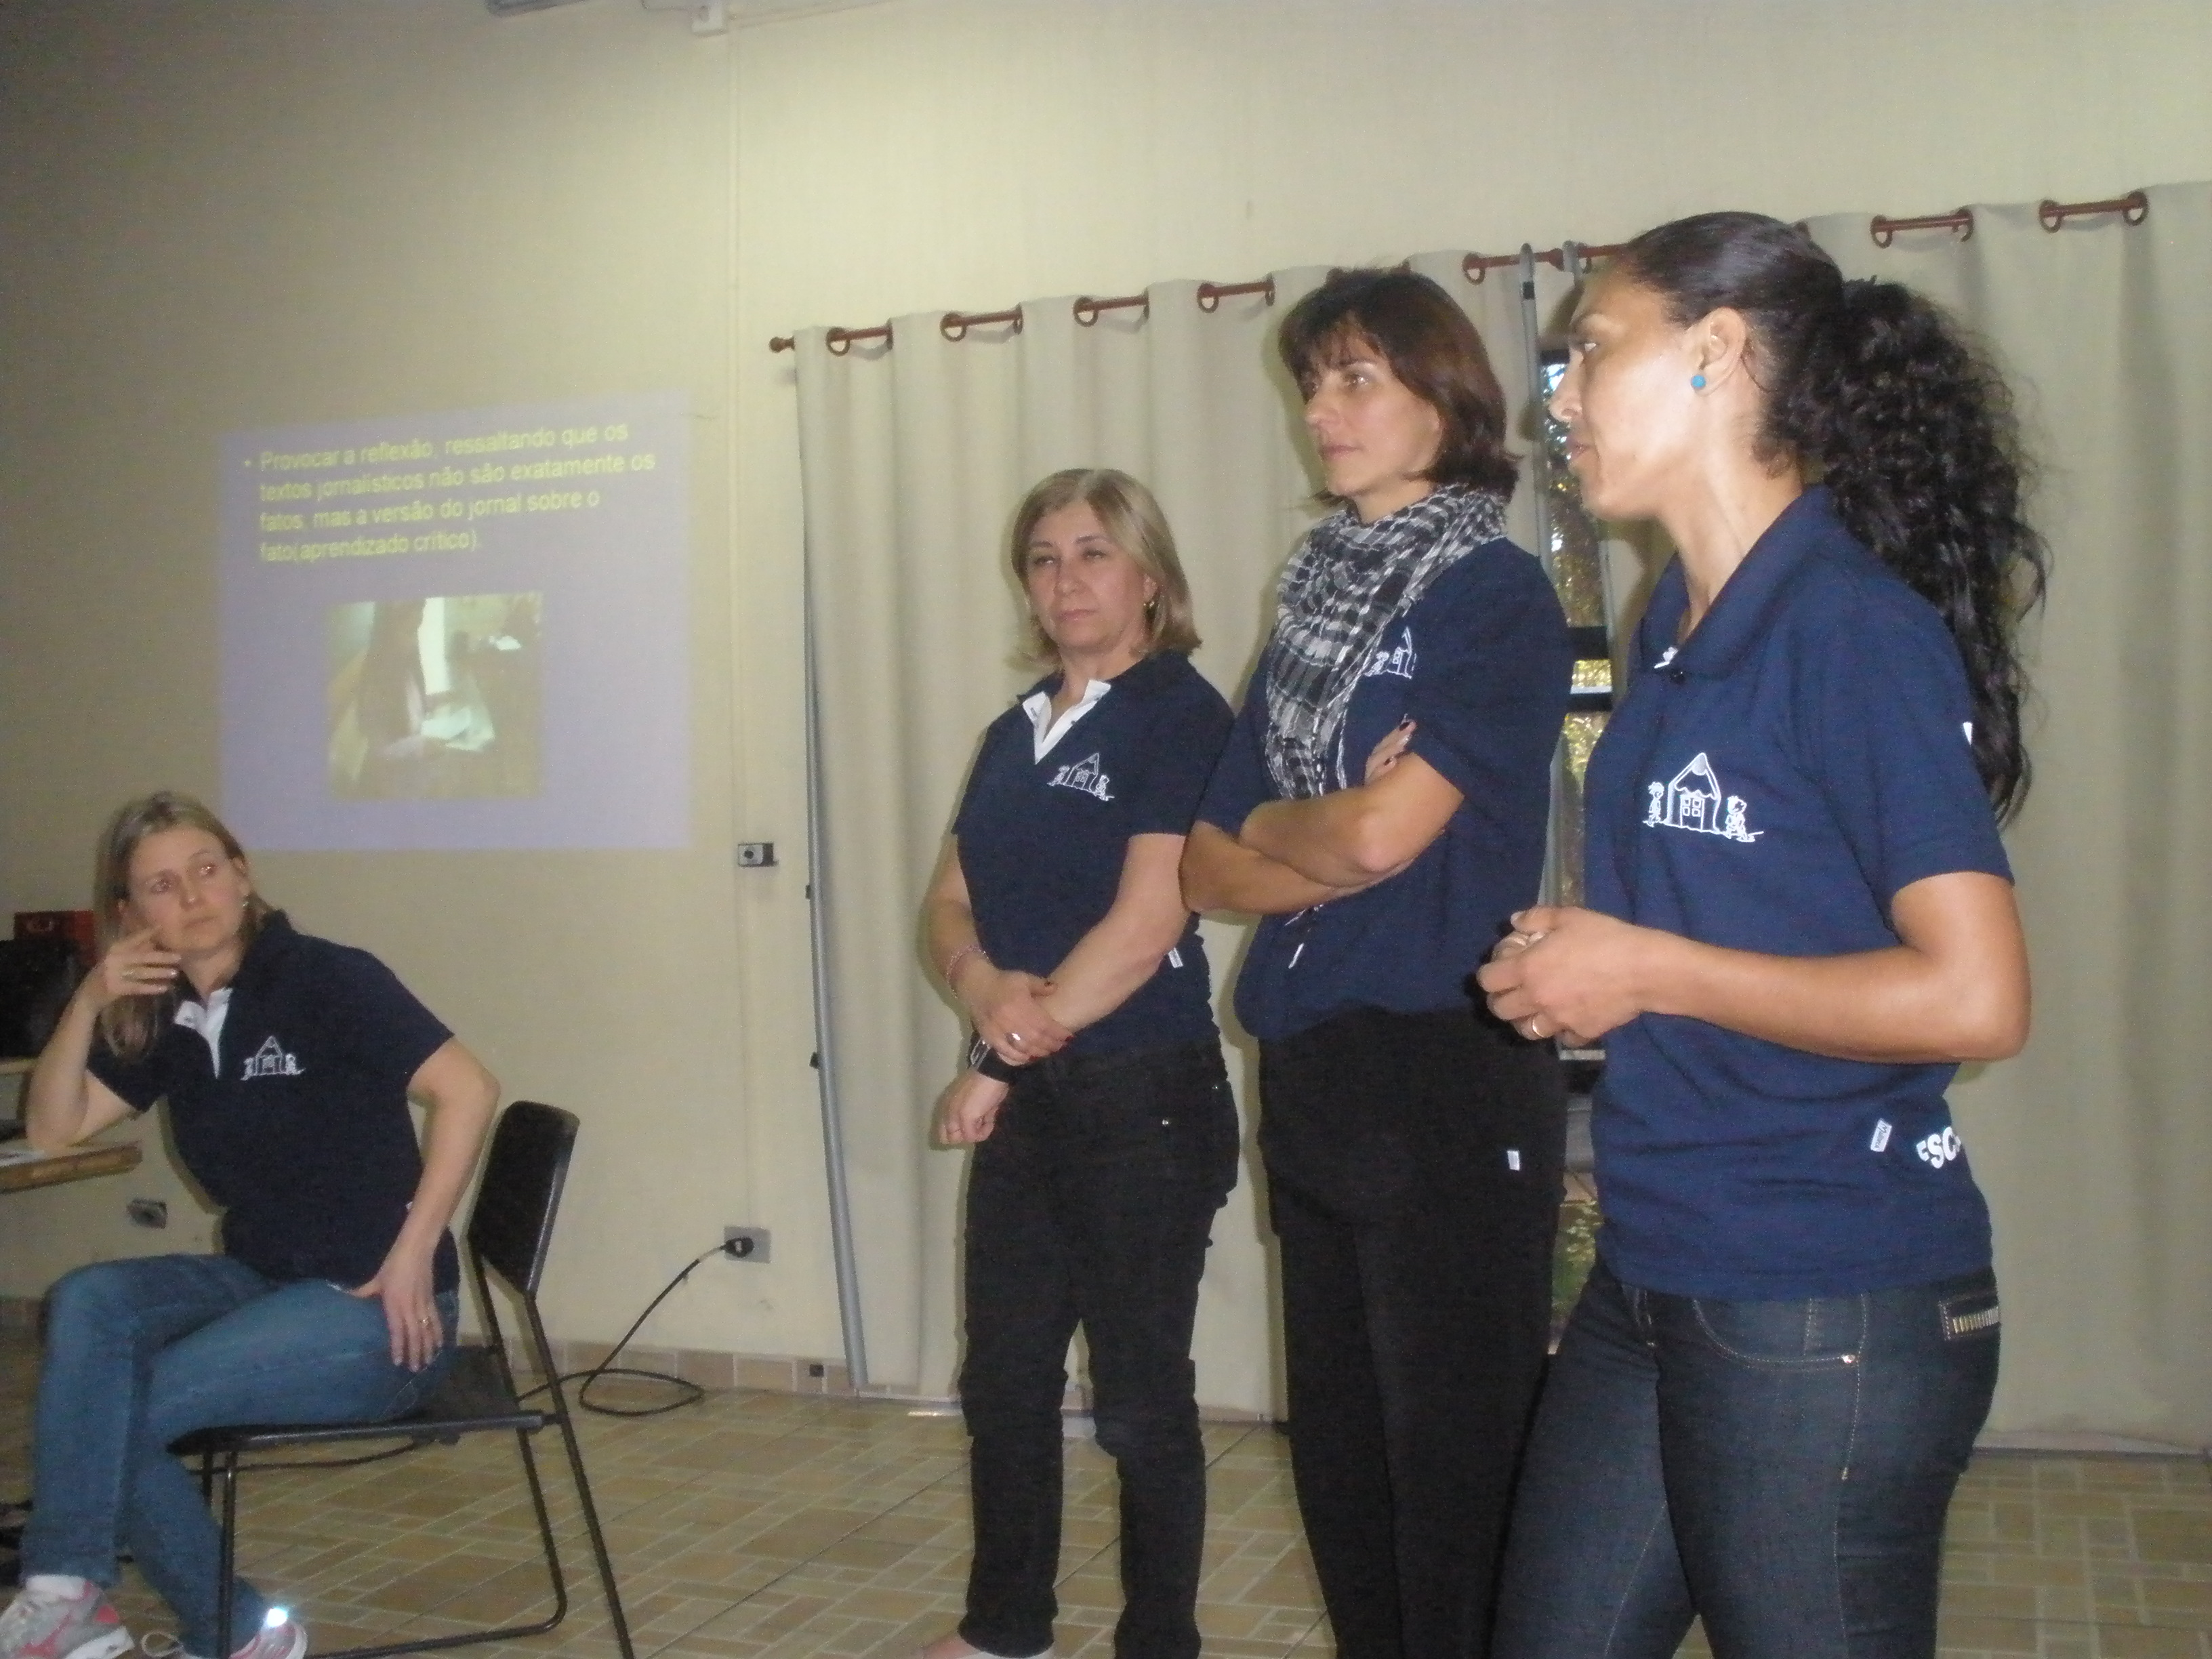 Apresentação do trabalho desenvolvido na escola Nympha com o Jornal Gazeta do Povo.